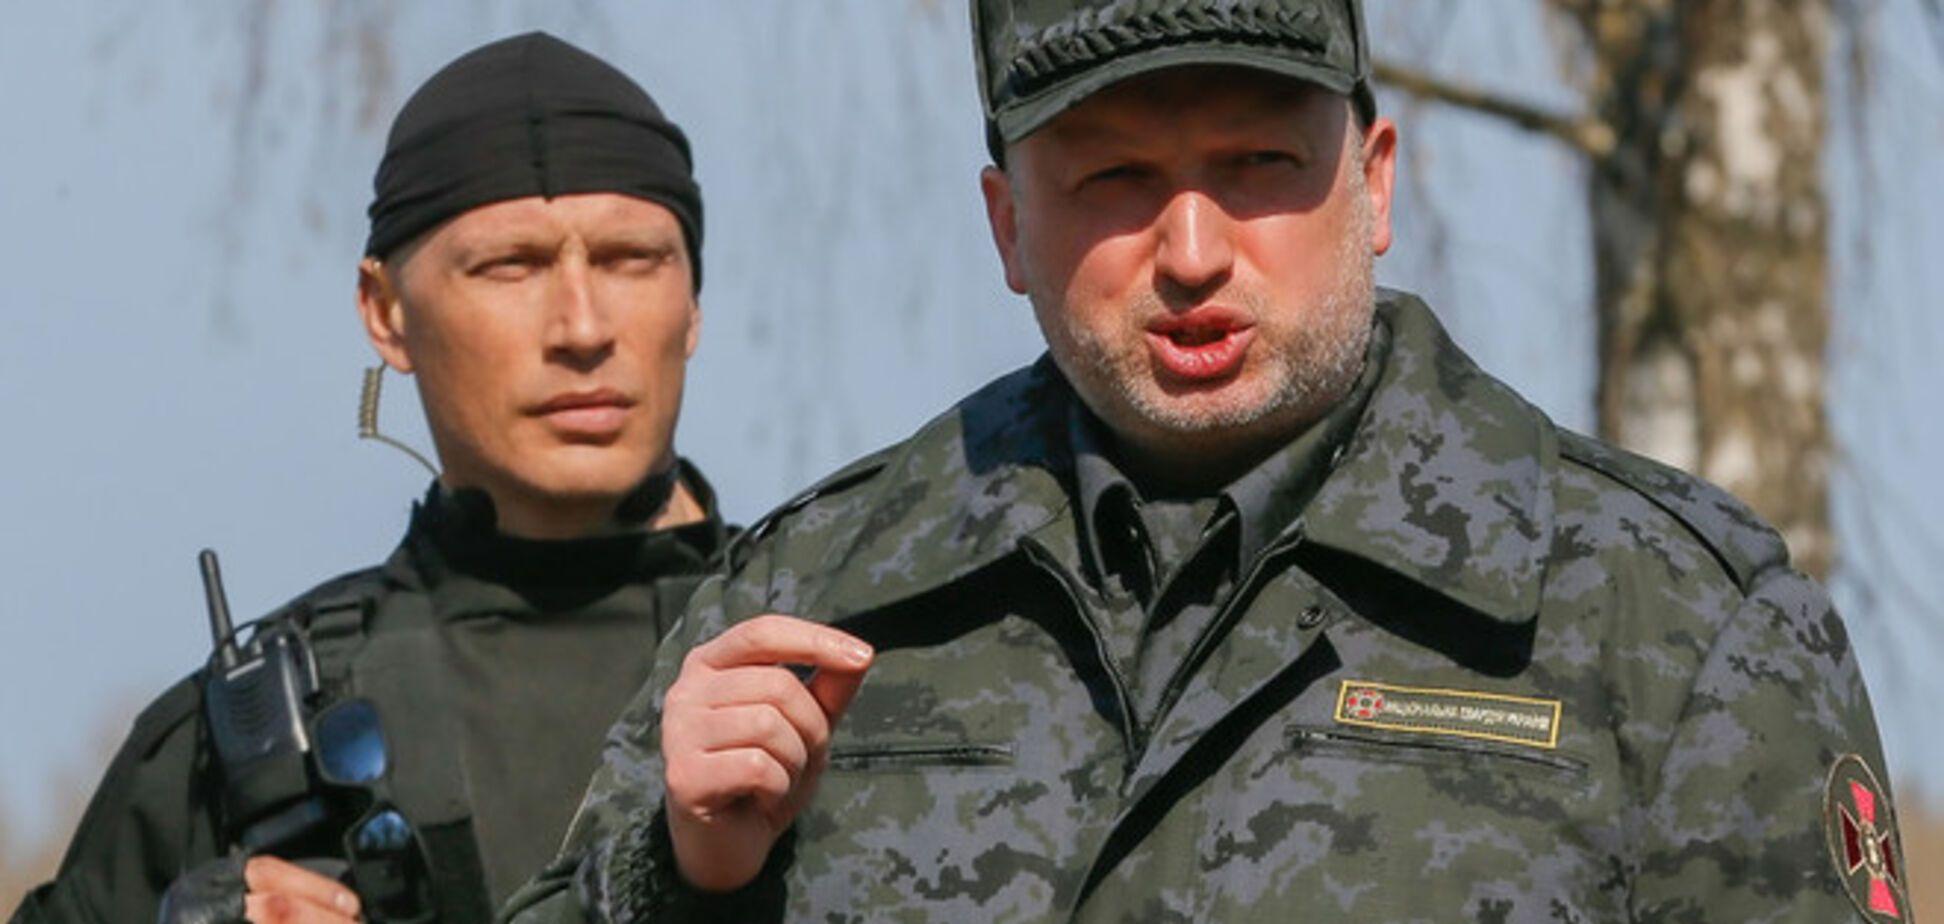 Обнародованы новые подробности обстрела Турчинова в зоне АТО